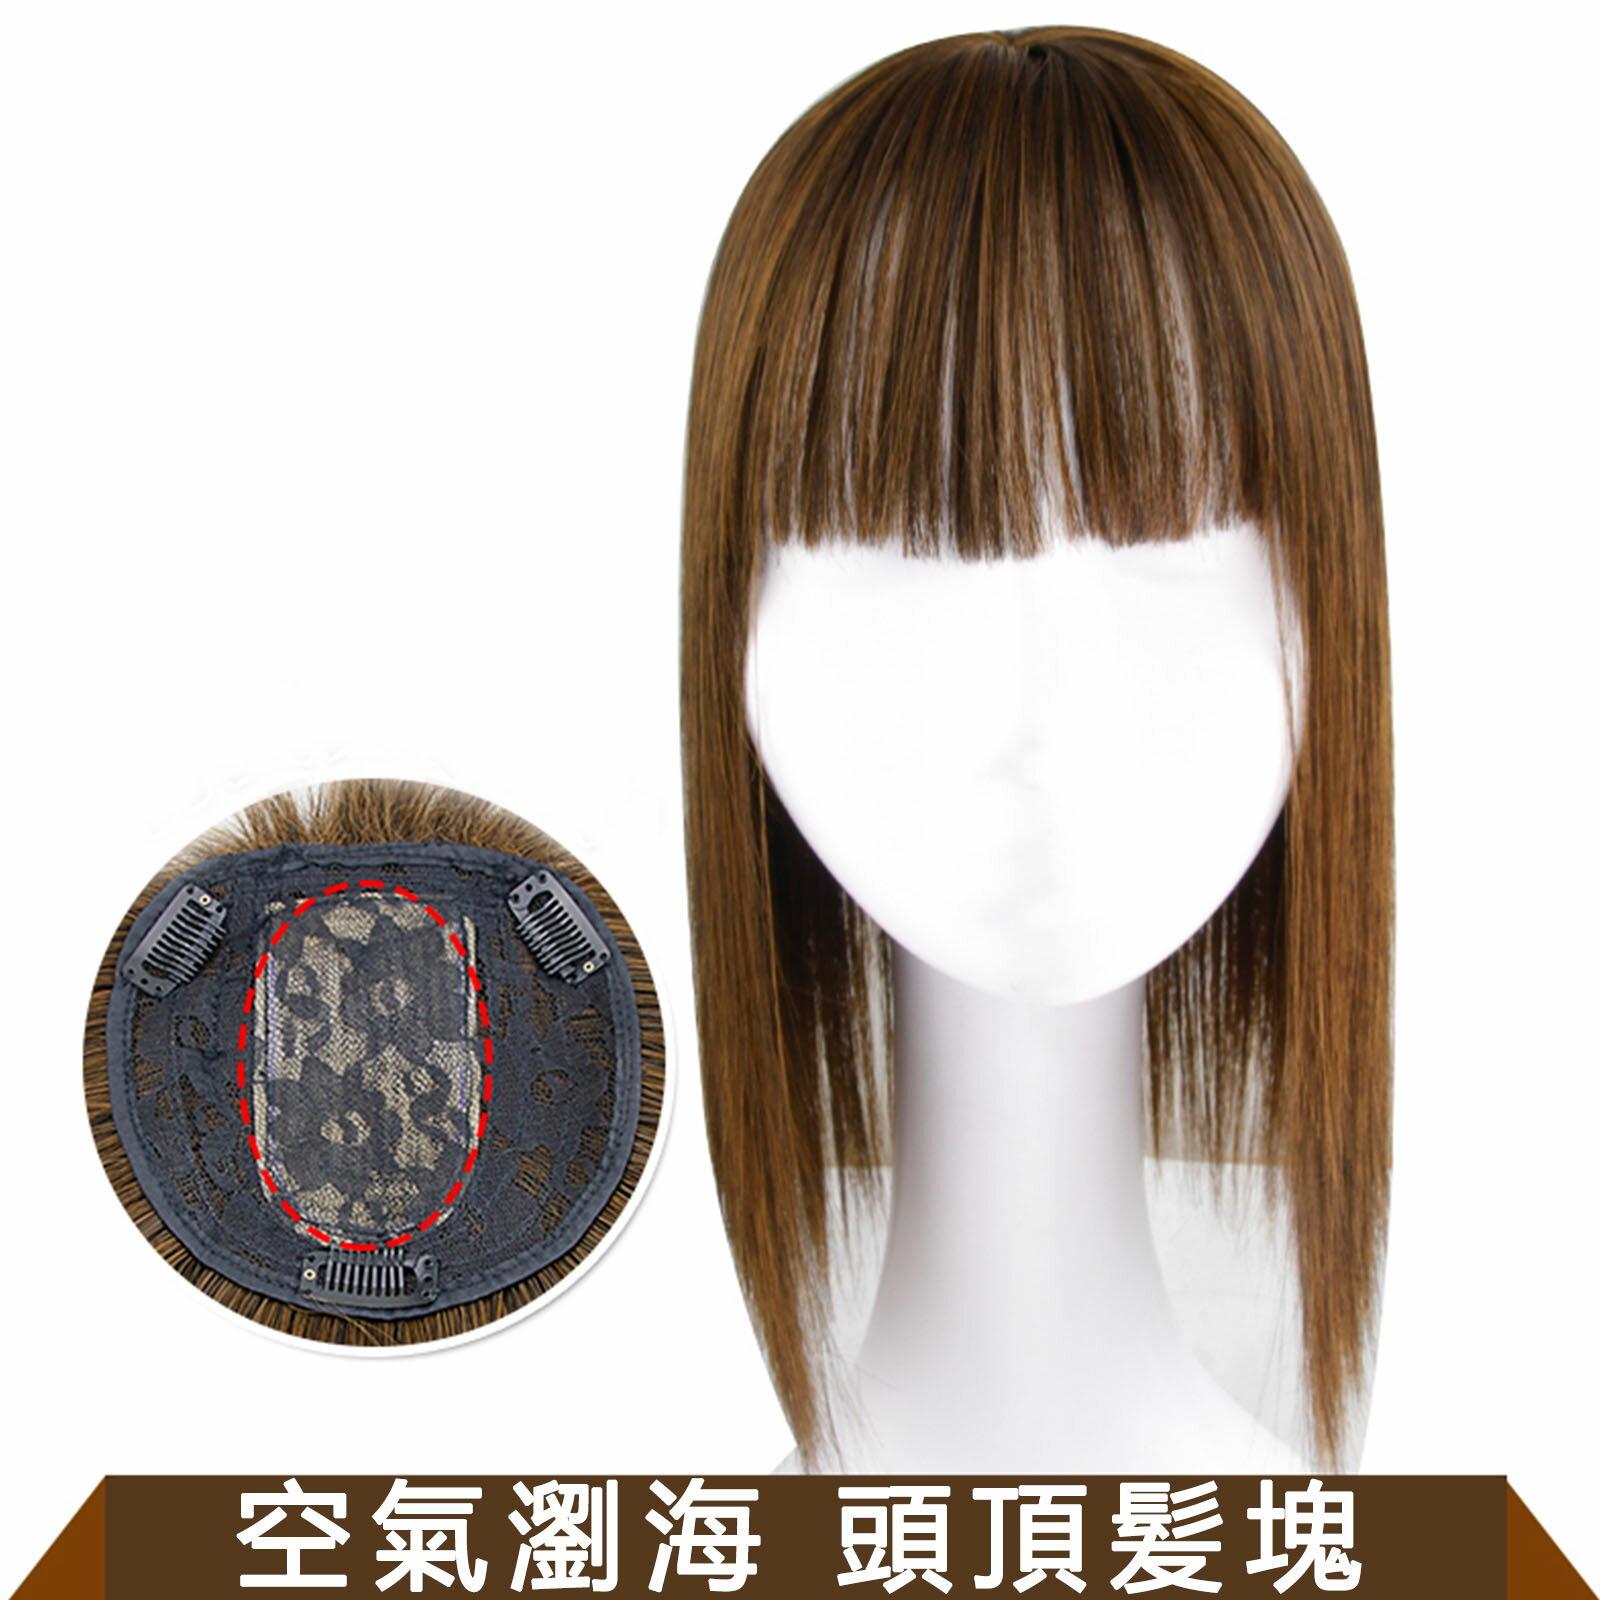 <br/><br/> 假髮 頭頂髮片 微增髮 女仕補髮塊 空氣瀏海 頭皮可分線 耐熱 【MP003】☆雙兒網☆<br/><br/>